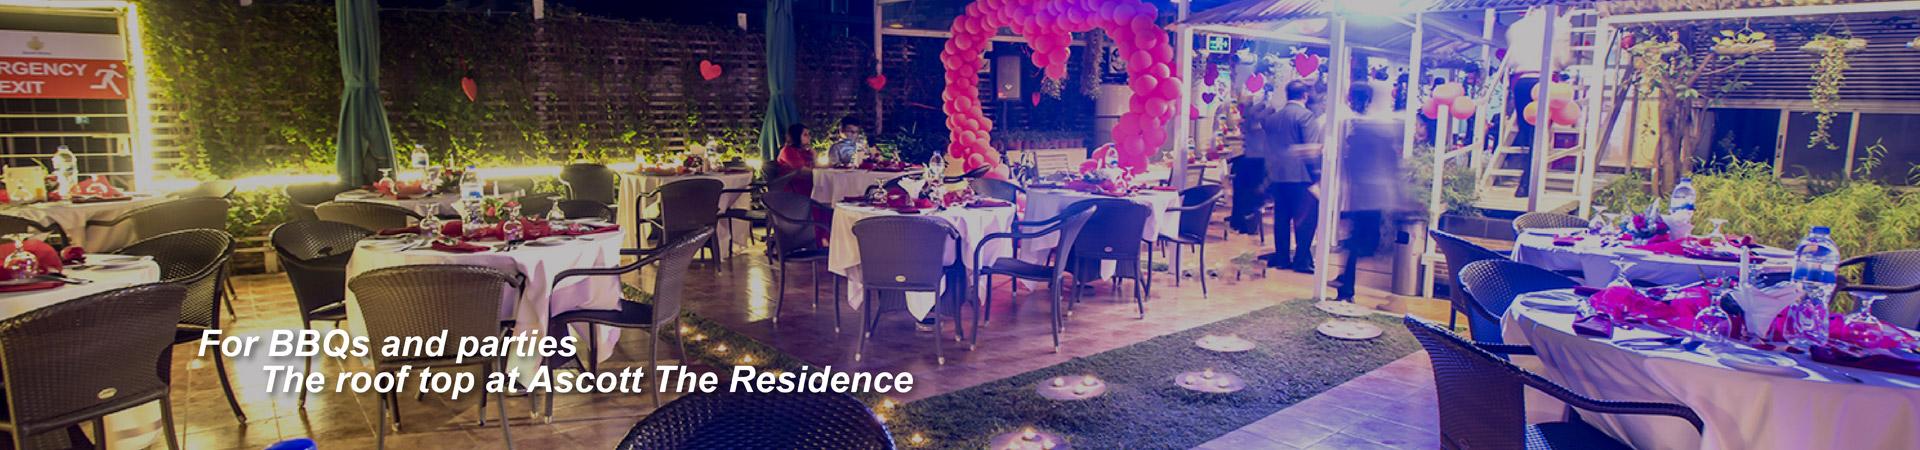 ascott-the-residence-restaurant-banner